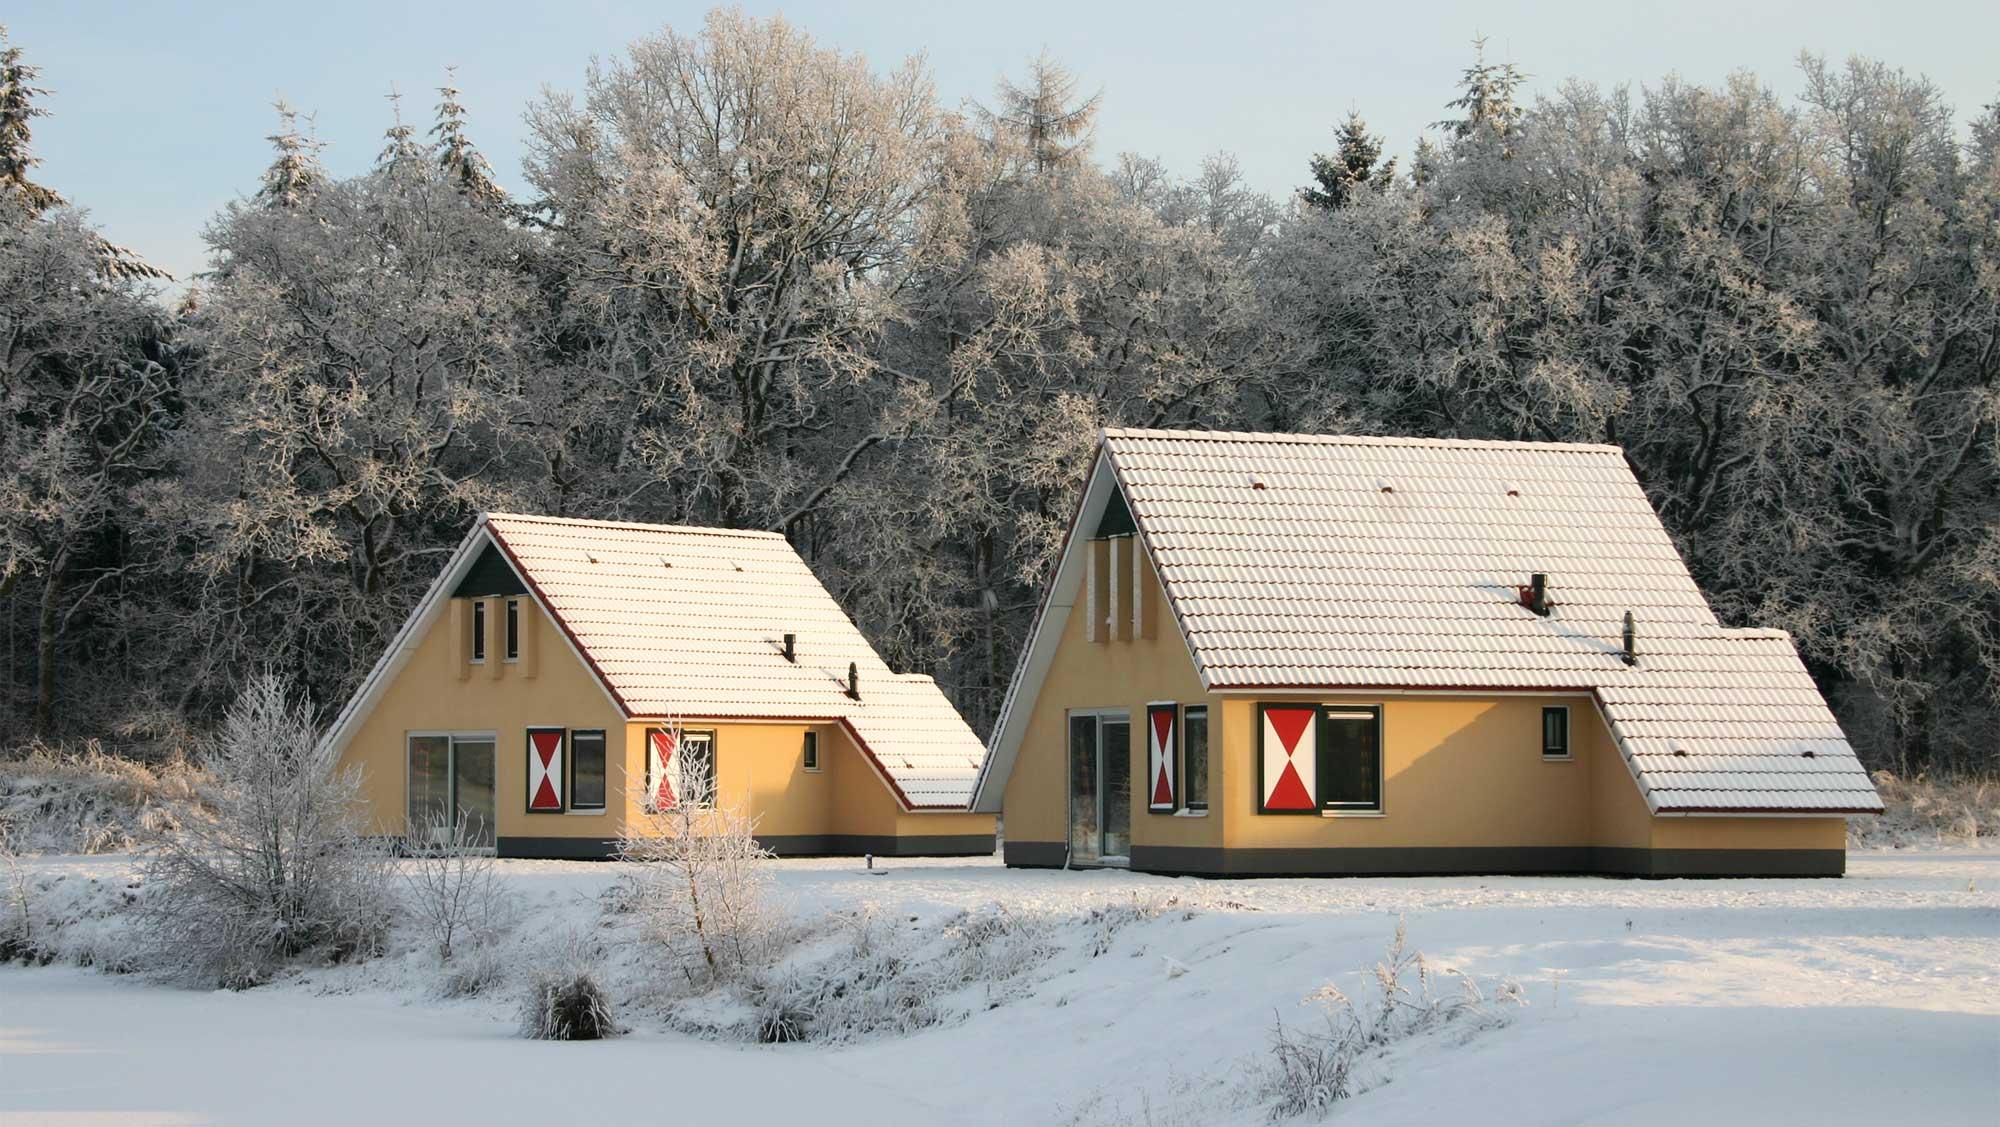 6pers bungalow Kuierpad Molecaten Park Kuierpad winter 01